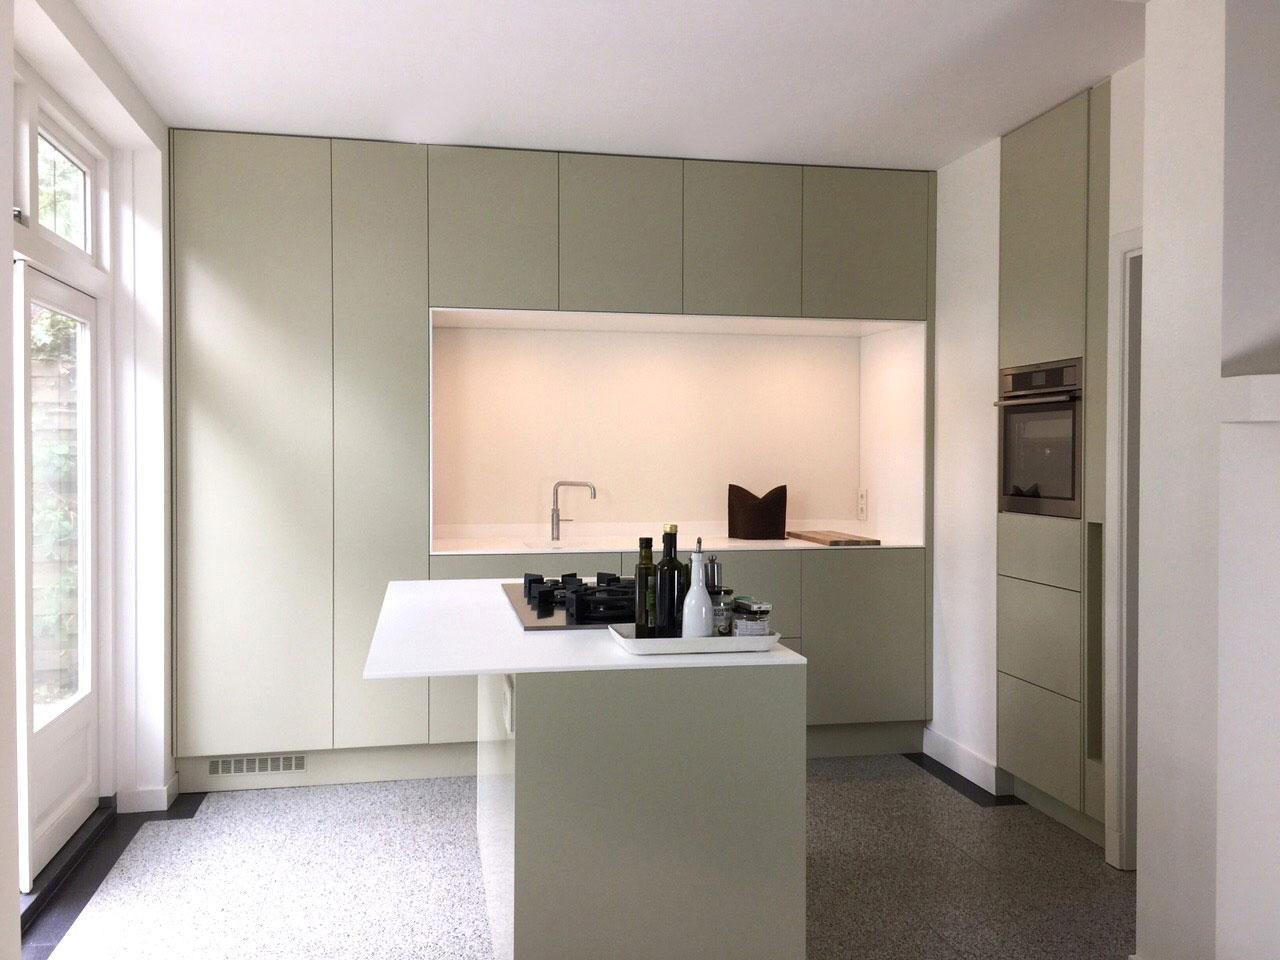 Luxe keuken dievorm